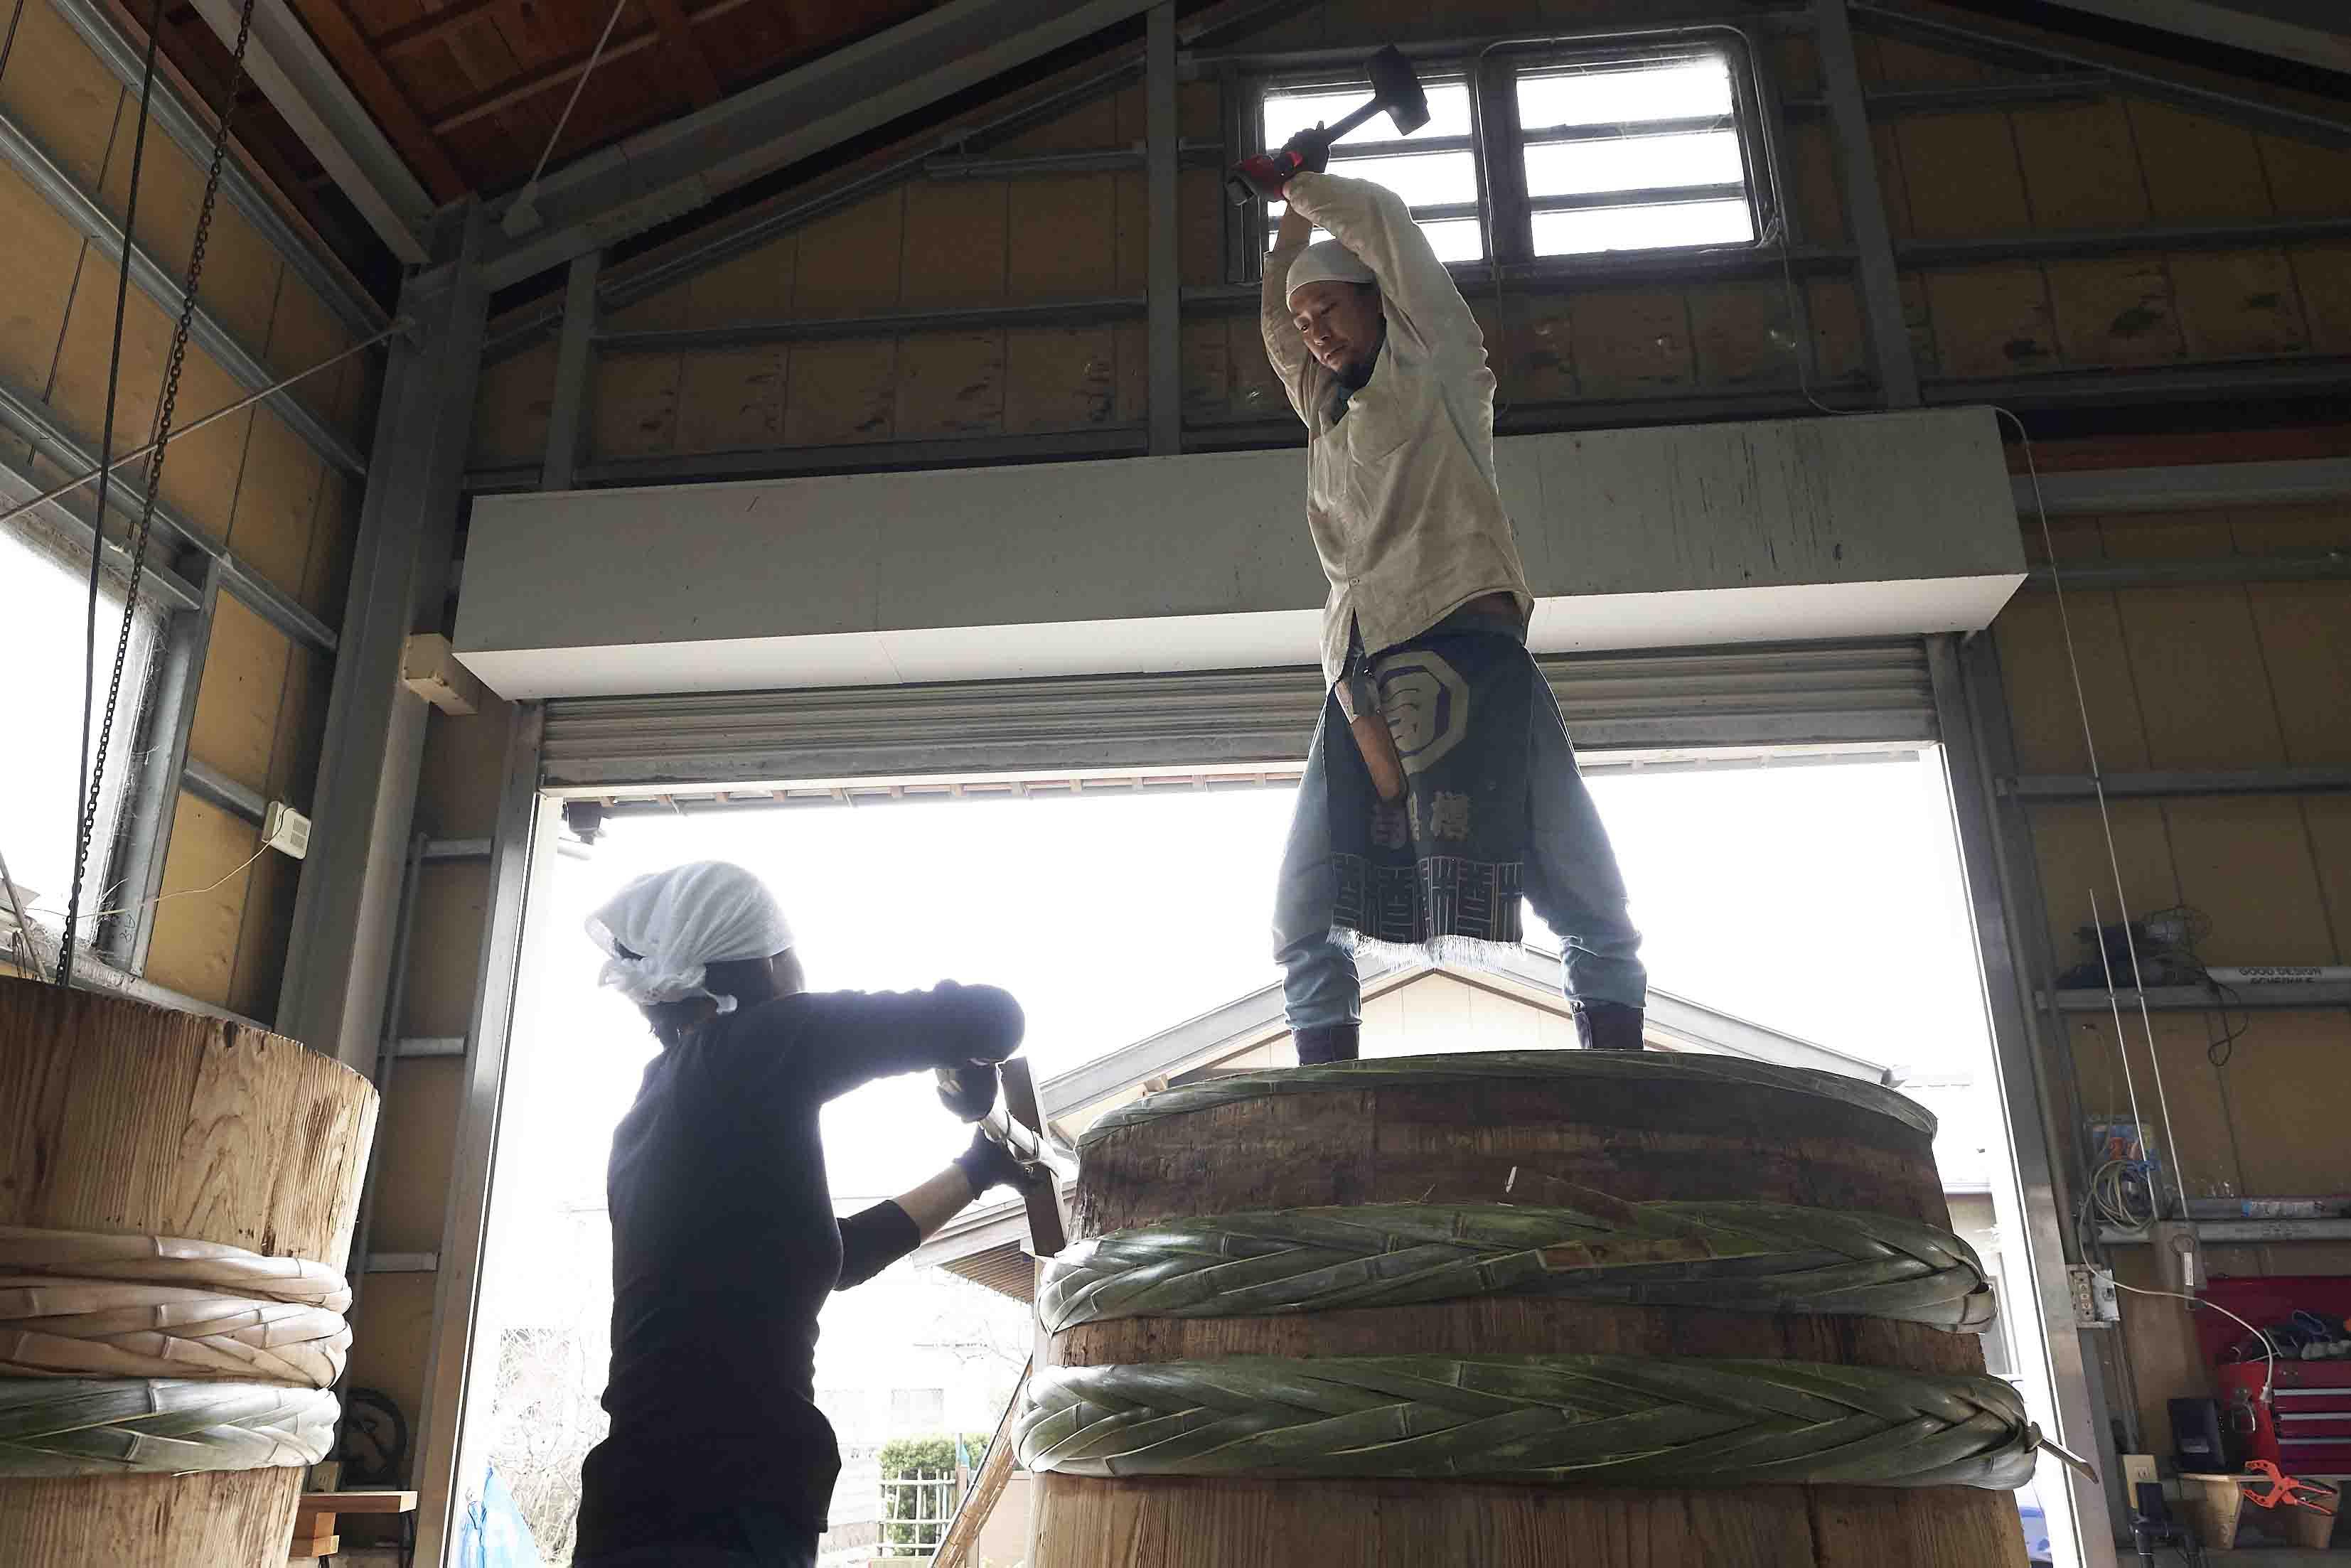 金槌と木槌のようなもので竹の箍を打ち、樽を締め上げていきます